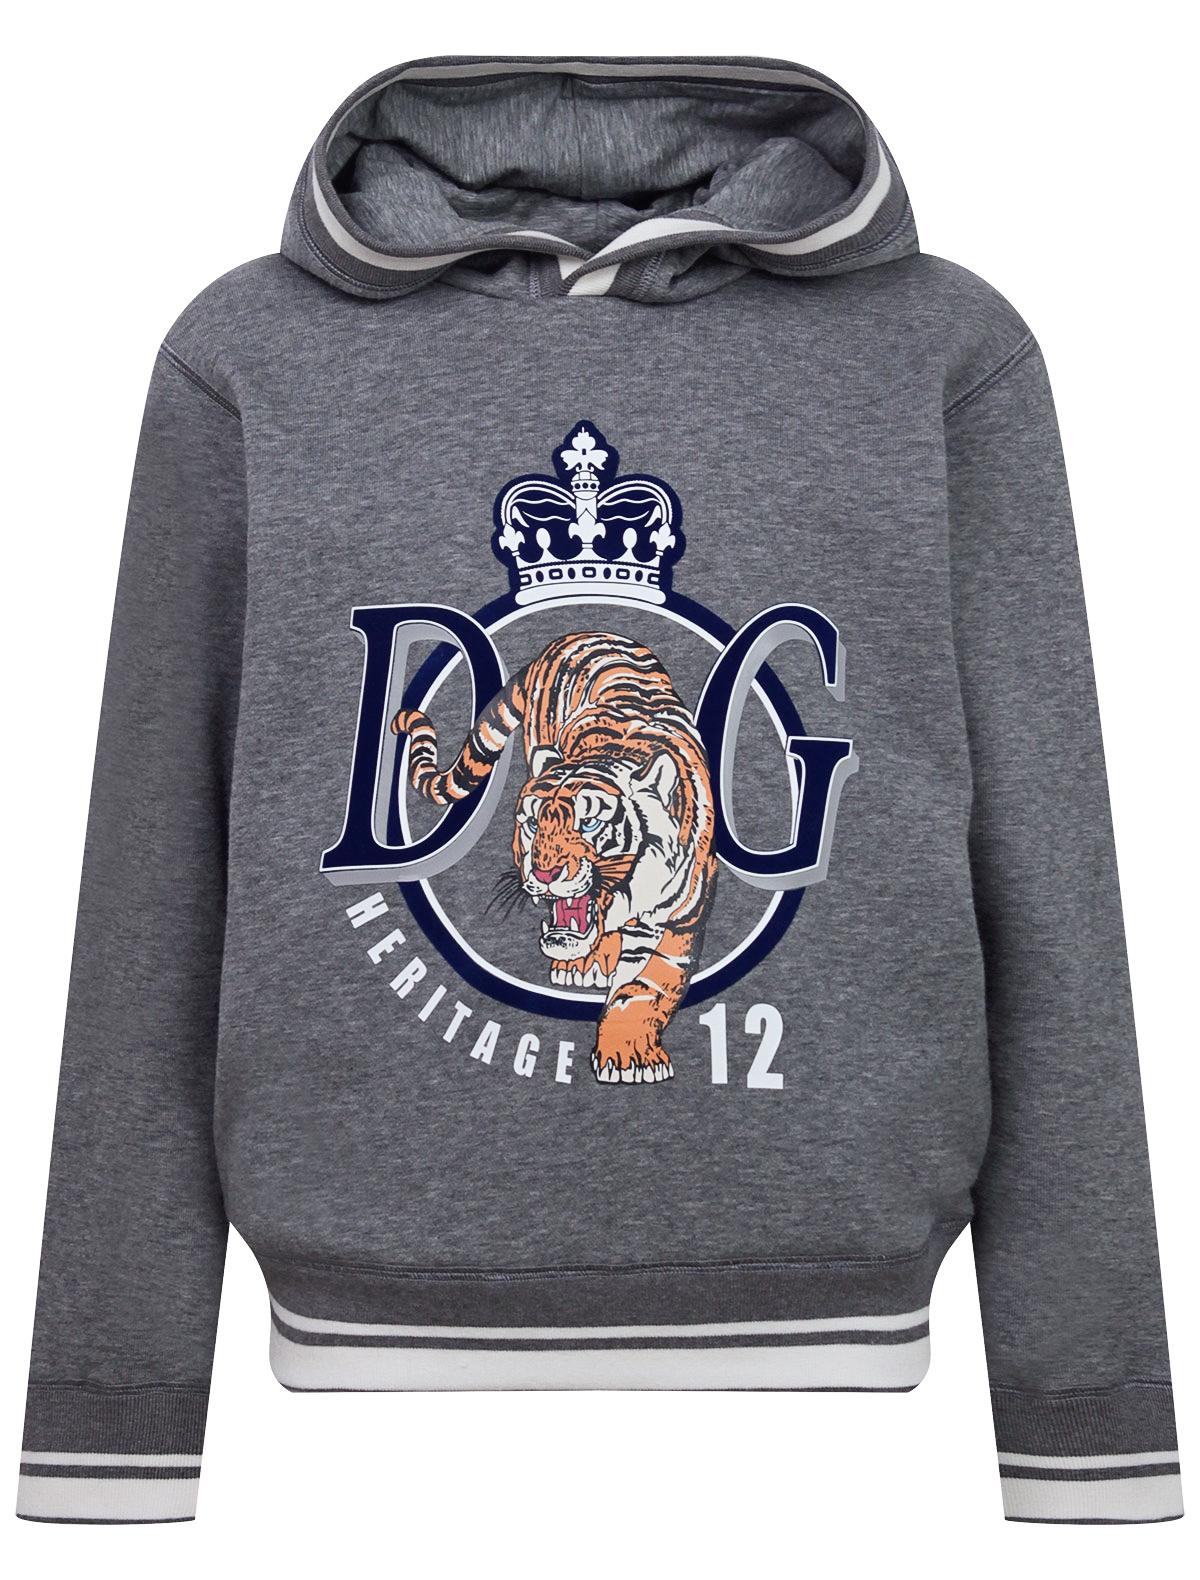 Купить 2222951, Худи Dolce & Gabbana, серый, Мужской, 0094519071712